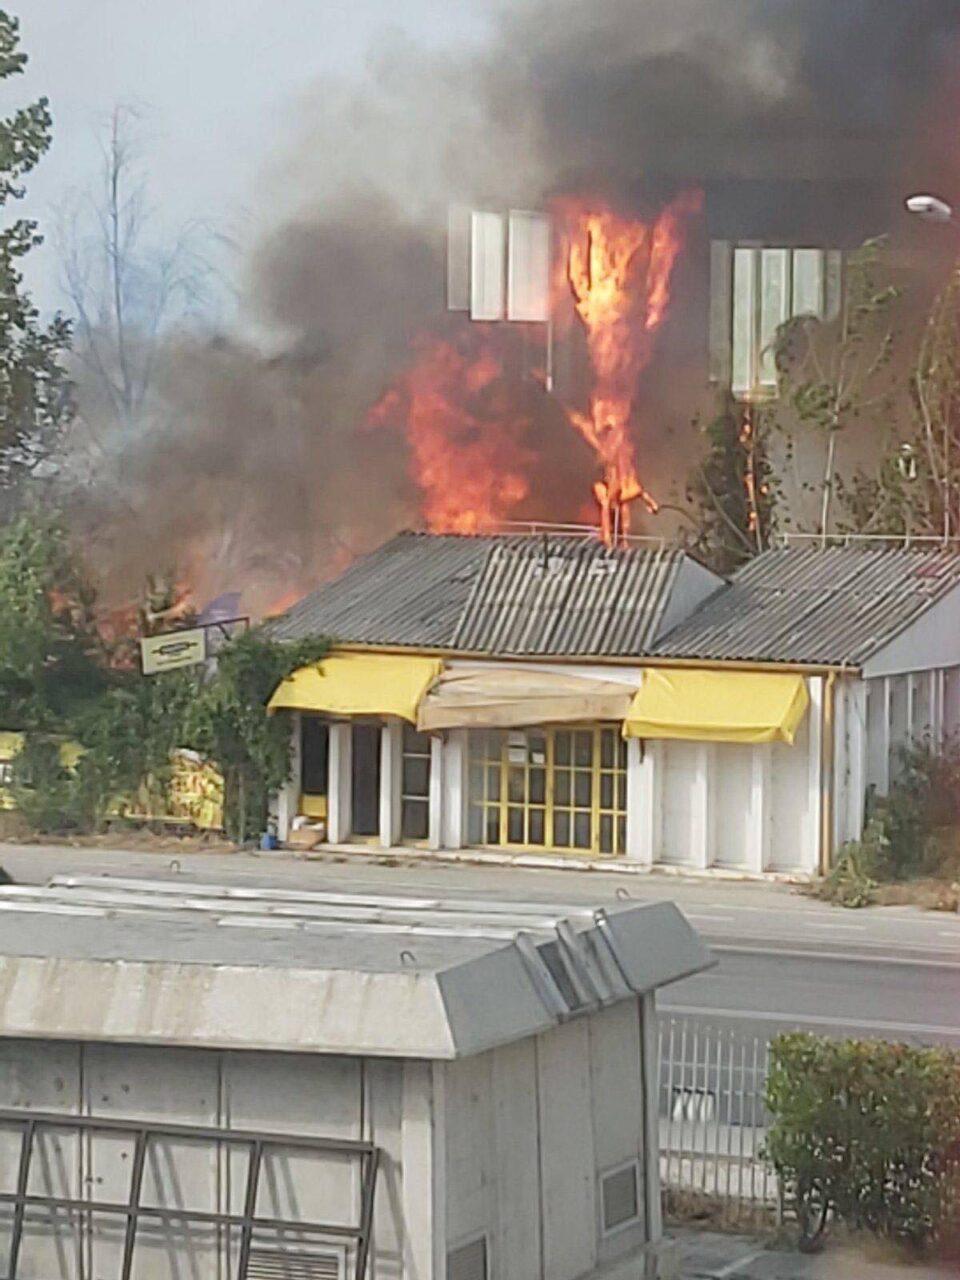 УЖАСНА ГЛЕТКА: ОХИС ВО ПЛАМЕН, огнените јазици ја зафатија зградата на поранешната фабрика – чадот се шири низ целиот град!